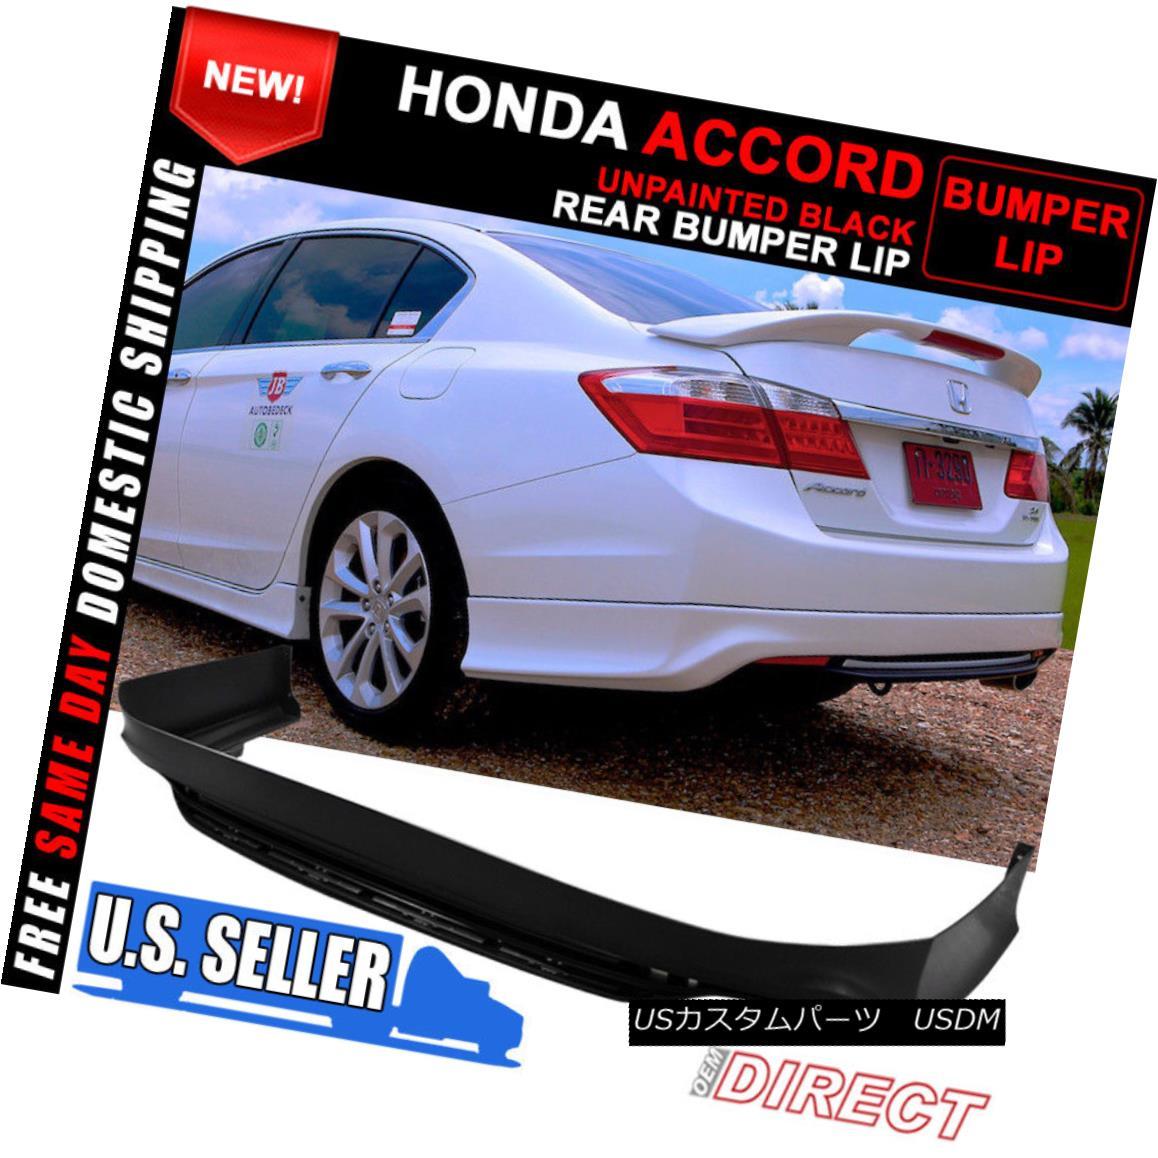 エアロパーツ For 13-15 Honda Accord MODULO Style Rear Bumper Lip Unpainted Black PP 13~15ホンダアコードMODULOスタイルリアバンパーリップ未塗装ブラックPP